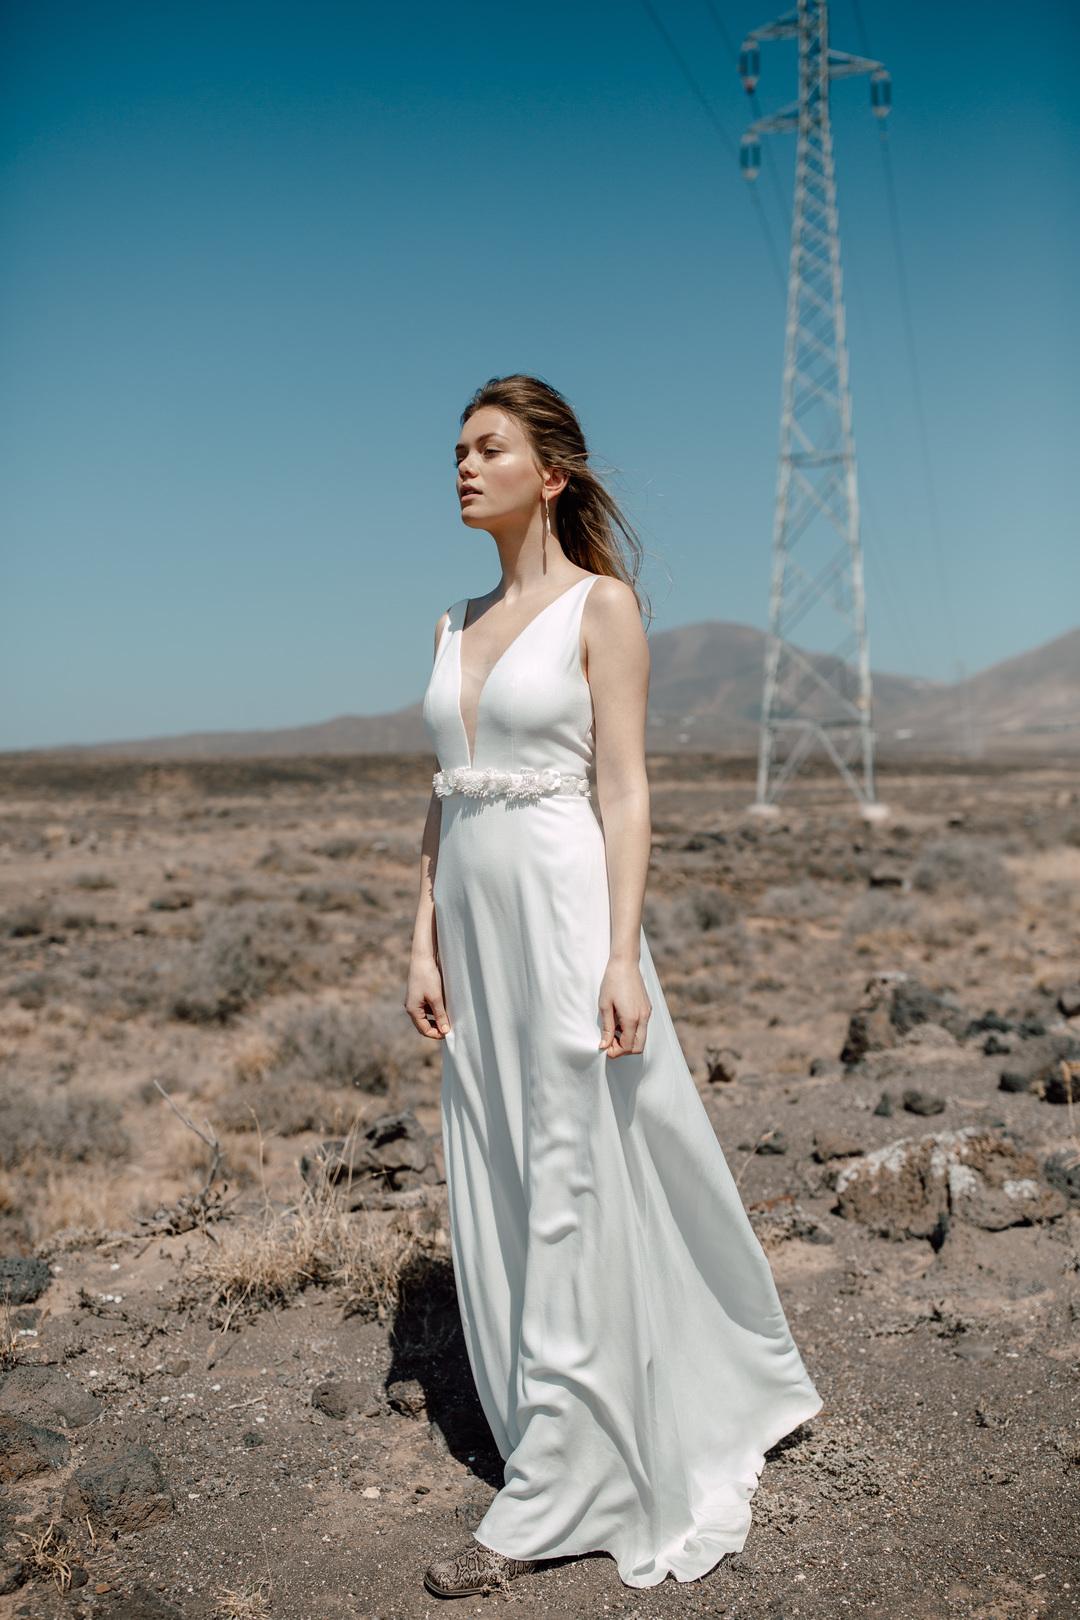 faya dress dress photo